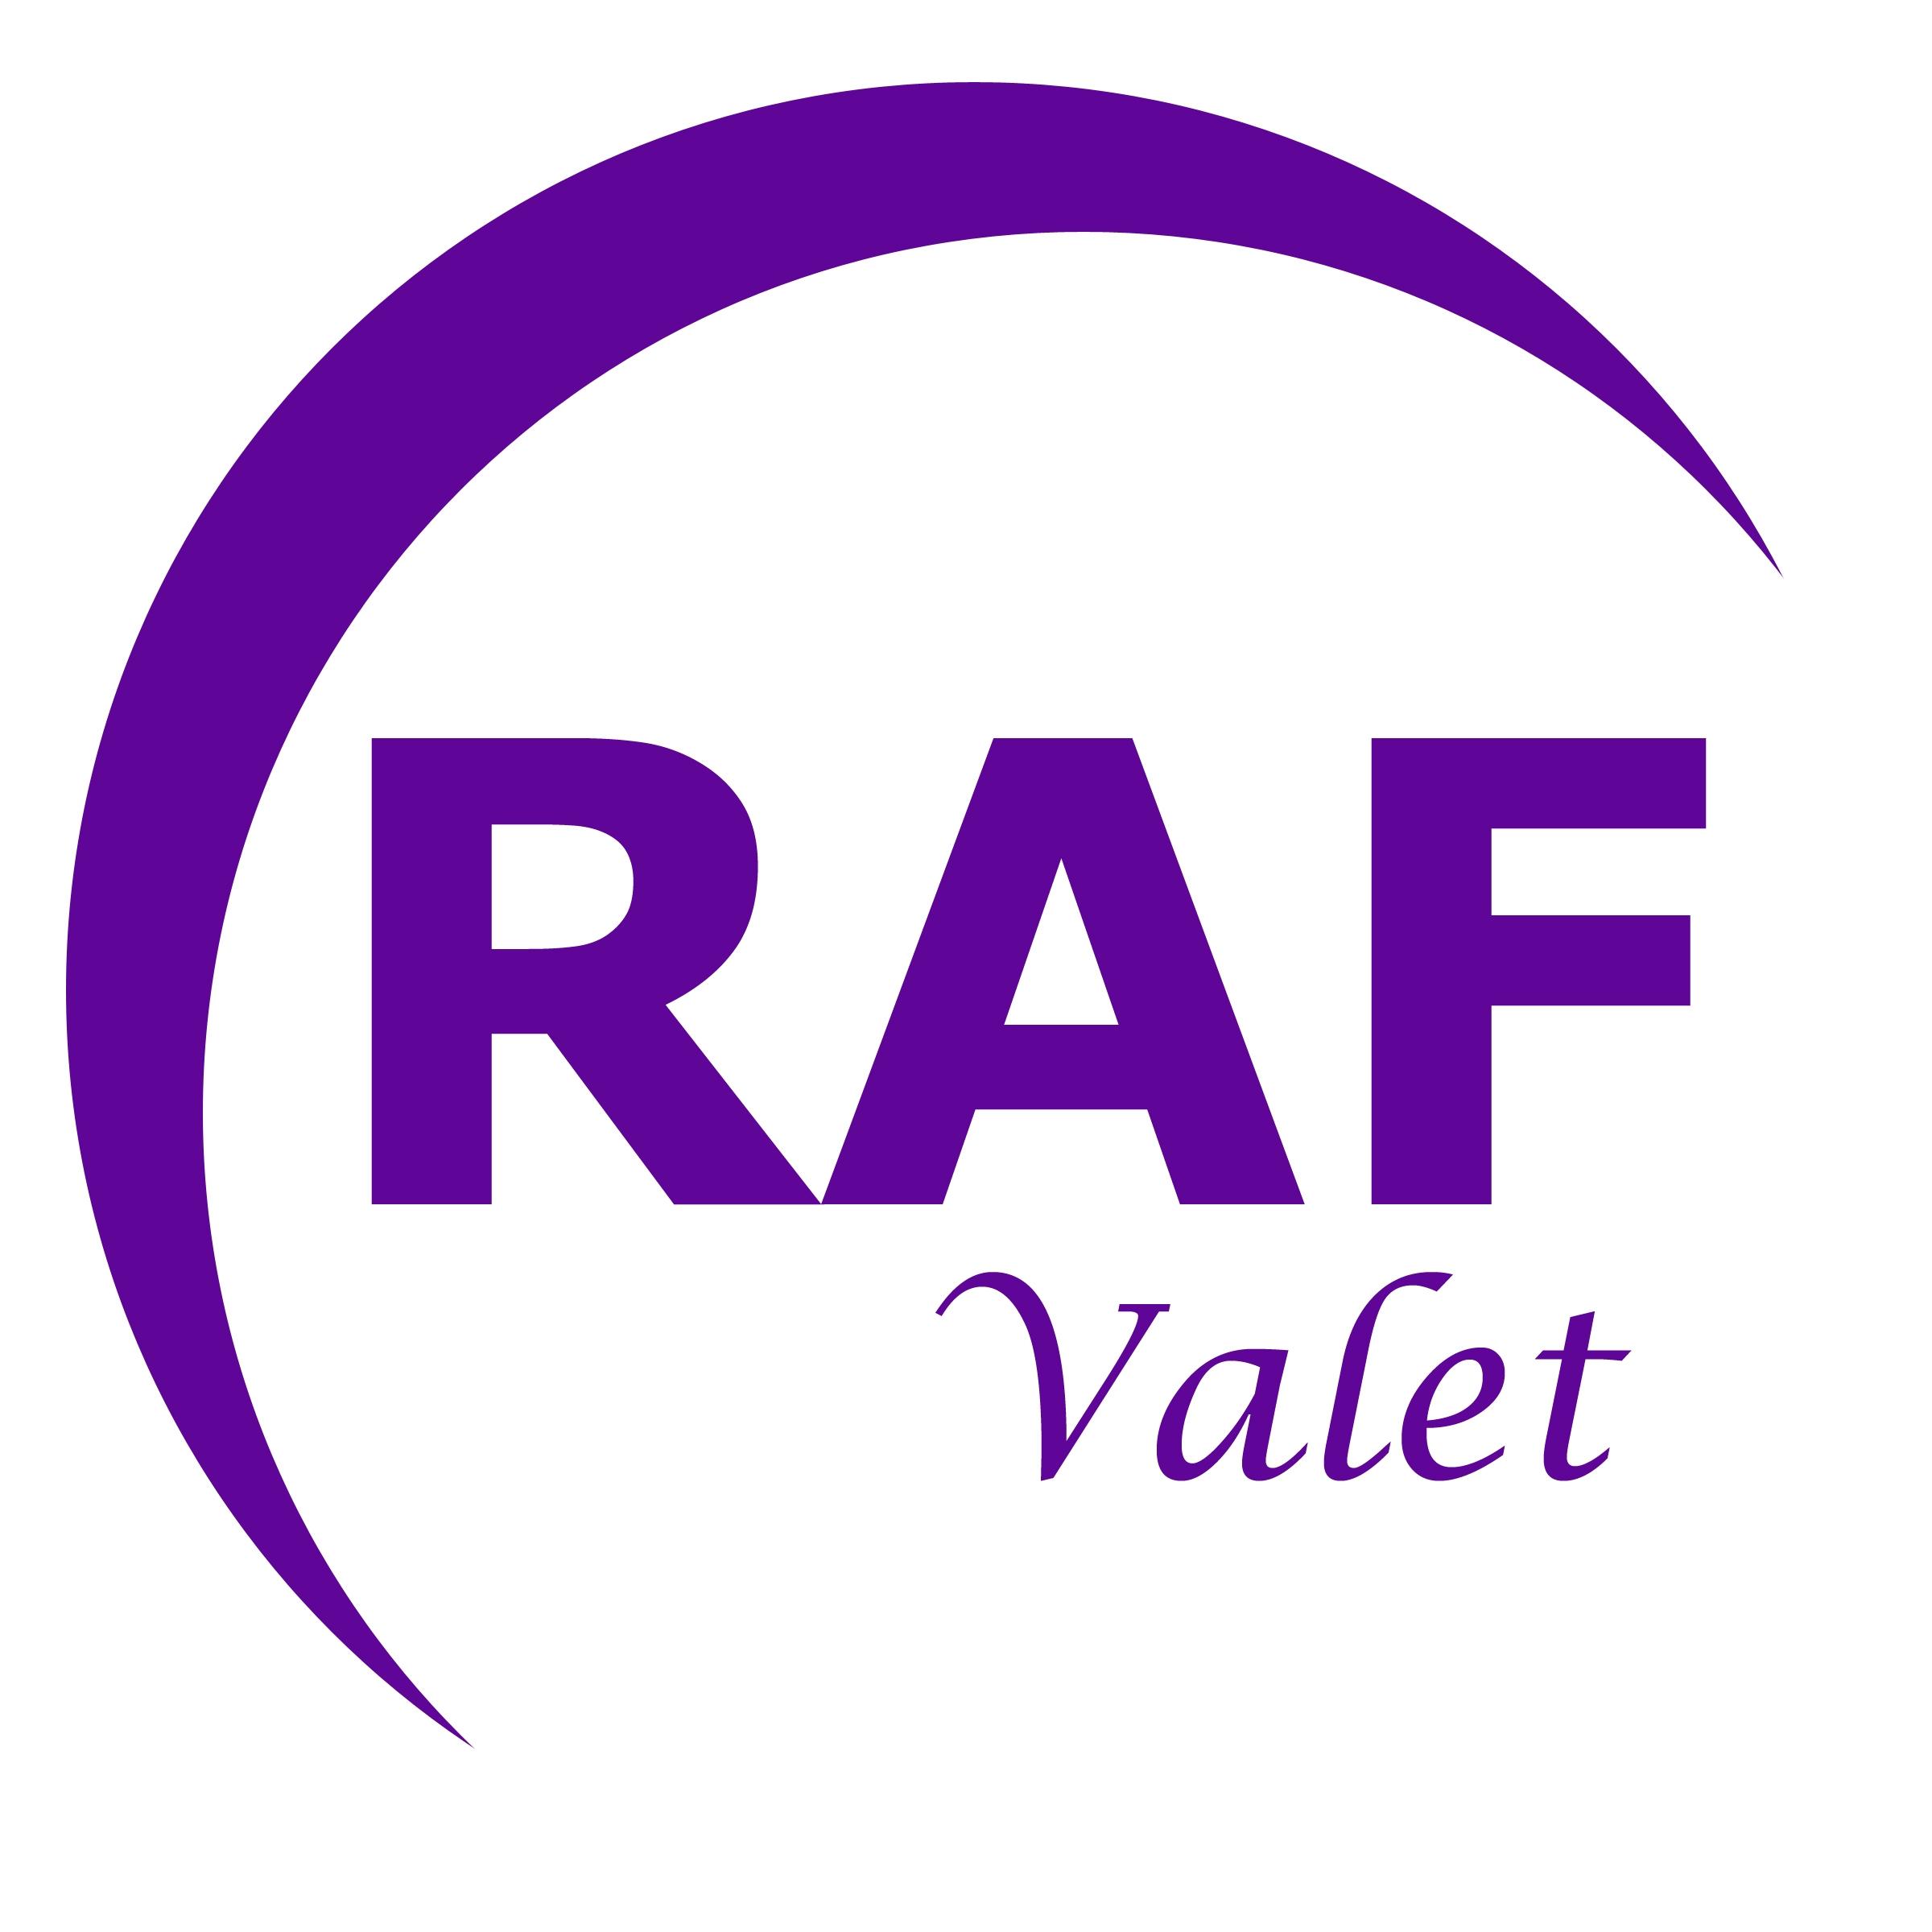 RAF valet